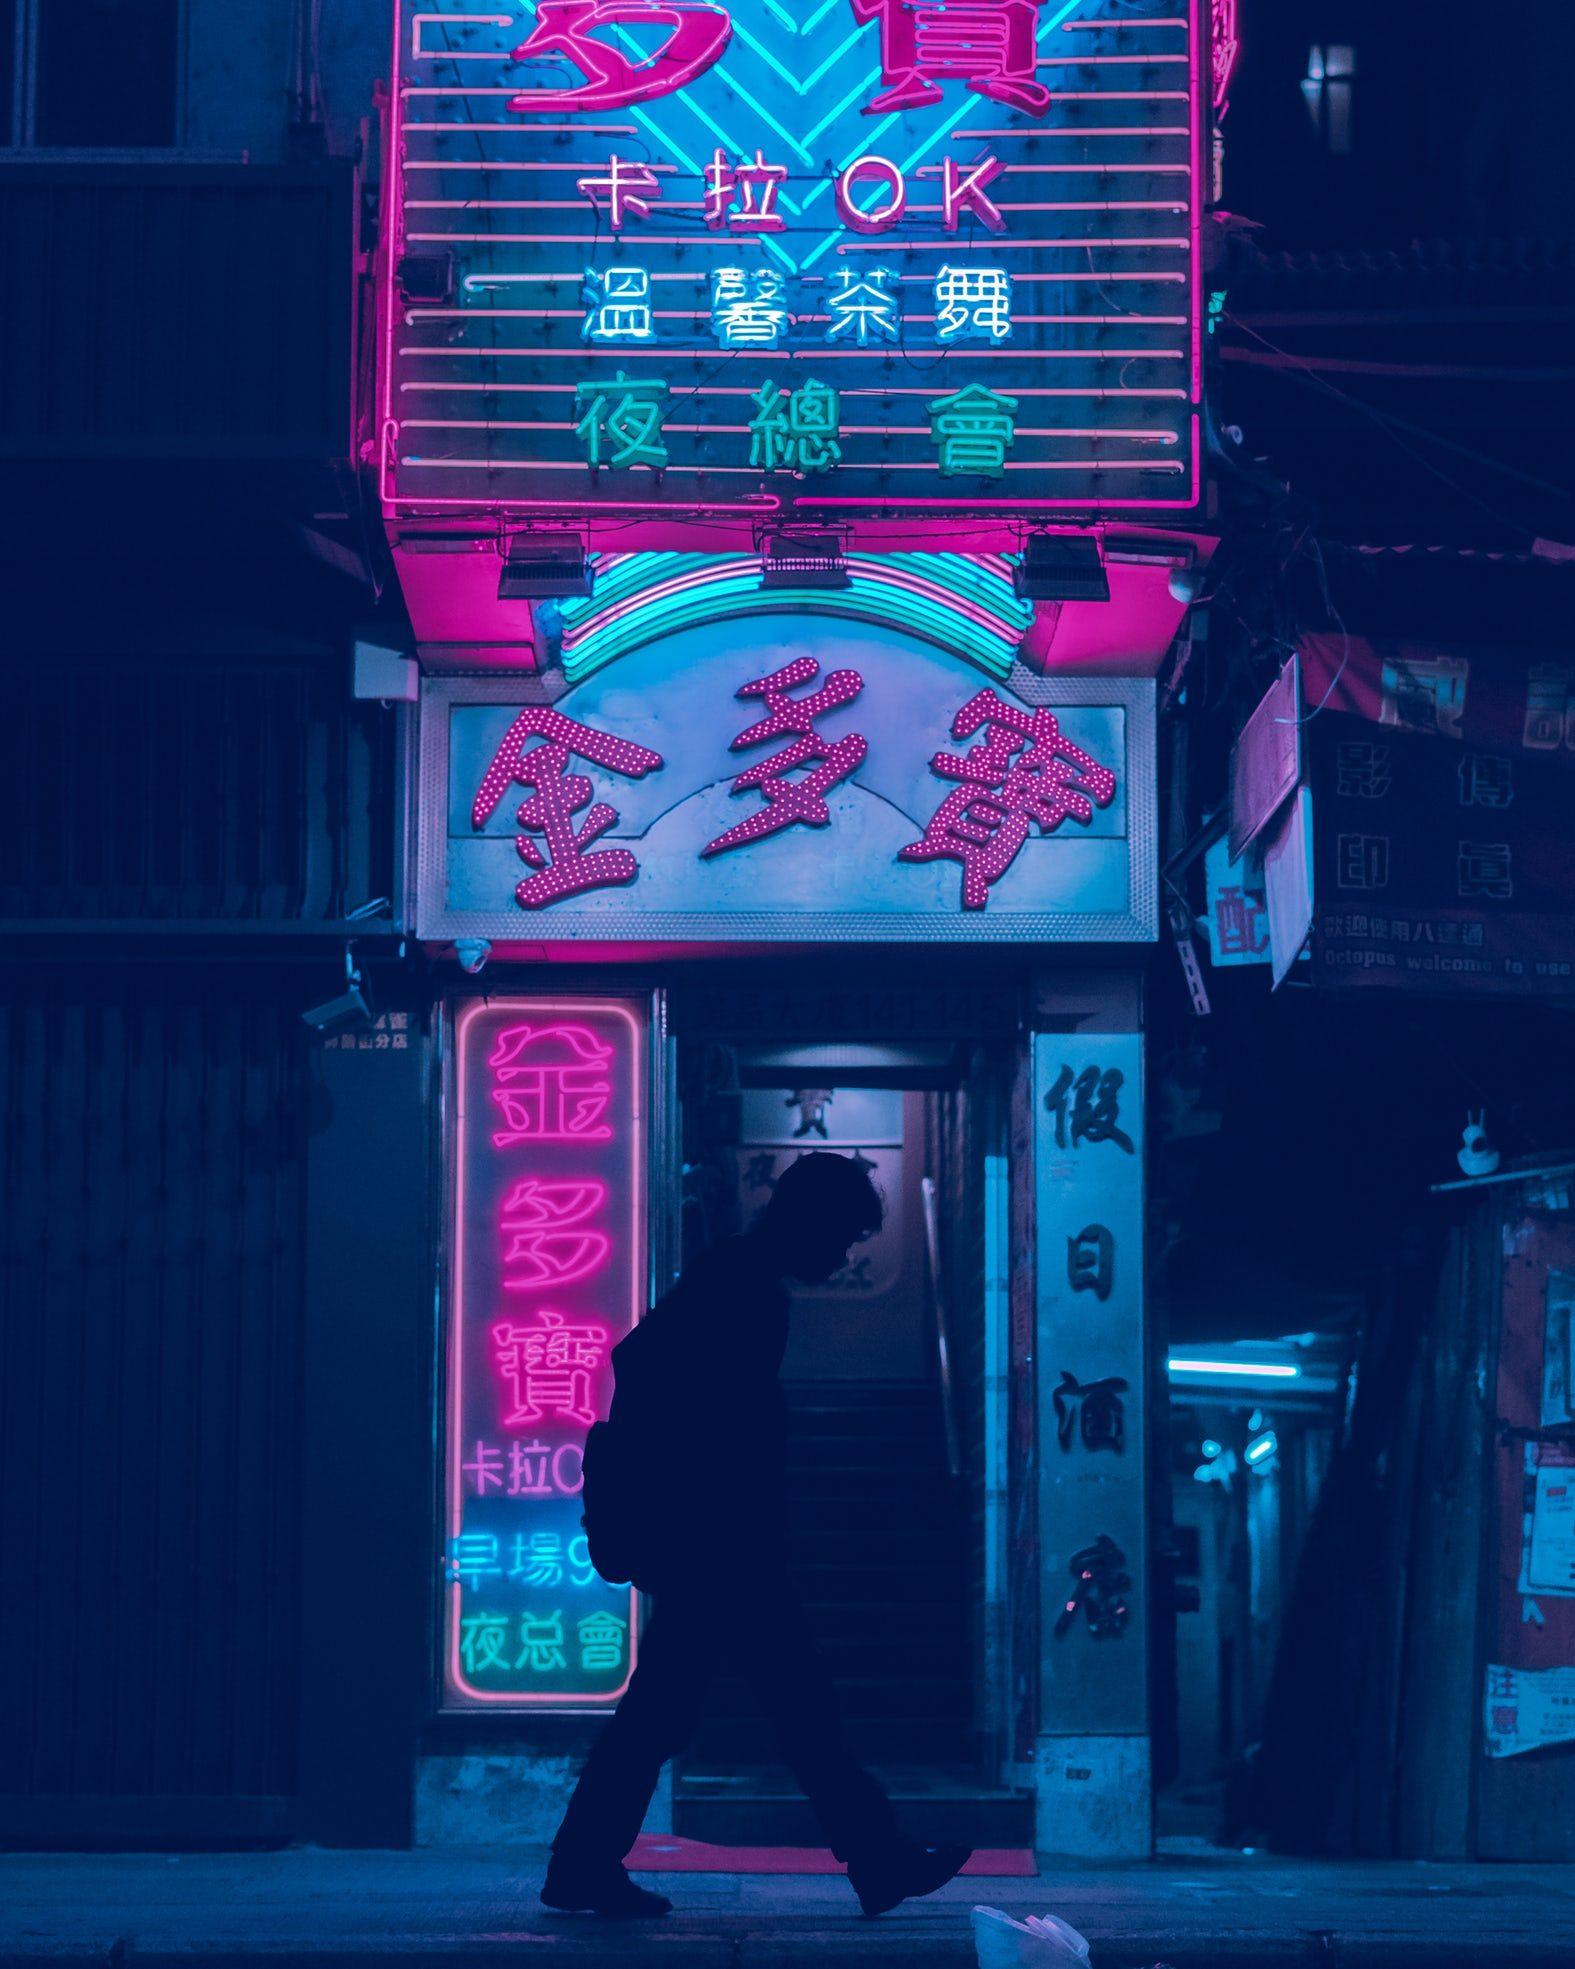 Night In Hong Kong Photo By Valery Rabchenyuk At V2306 On Unsplash